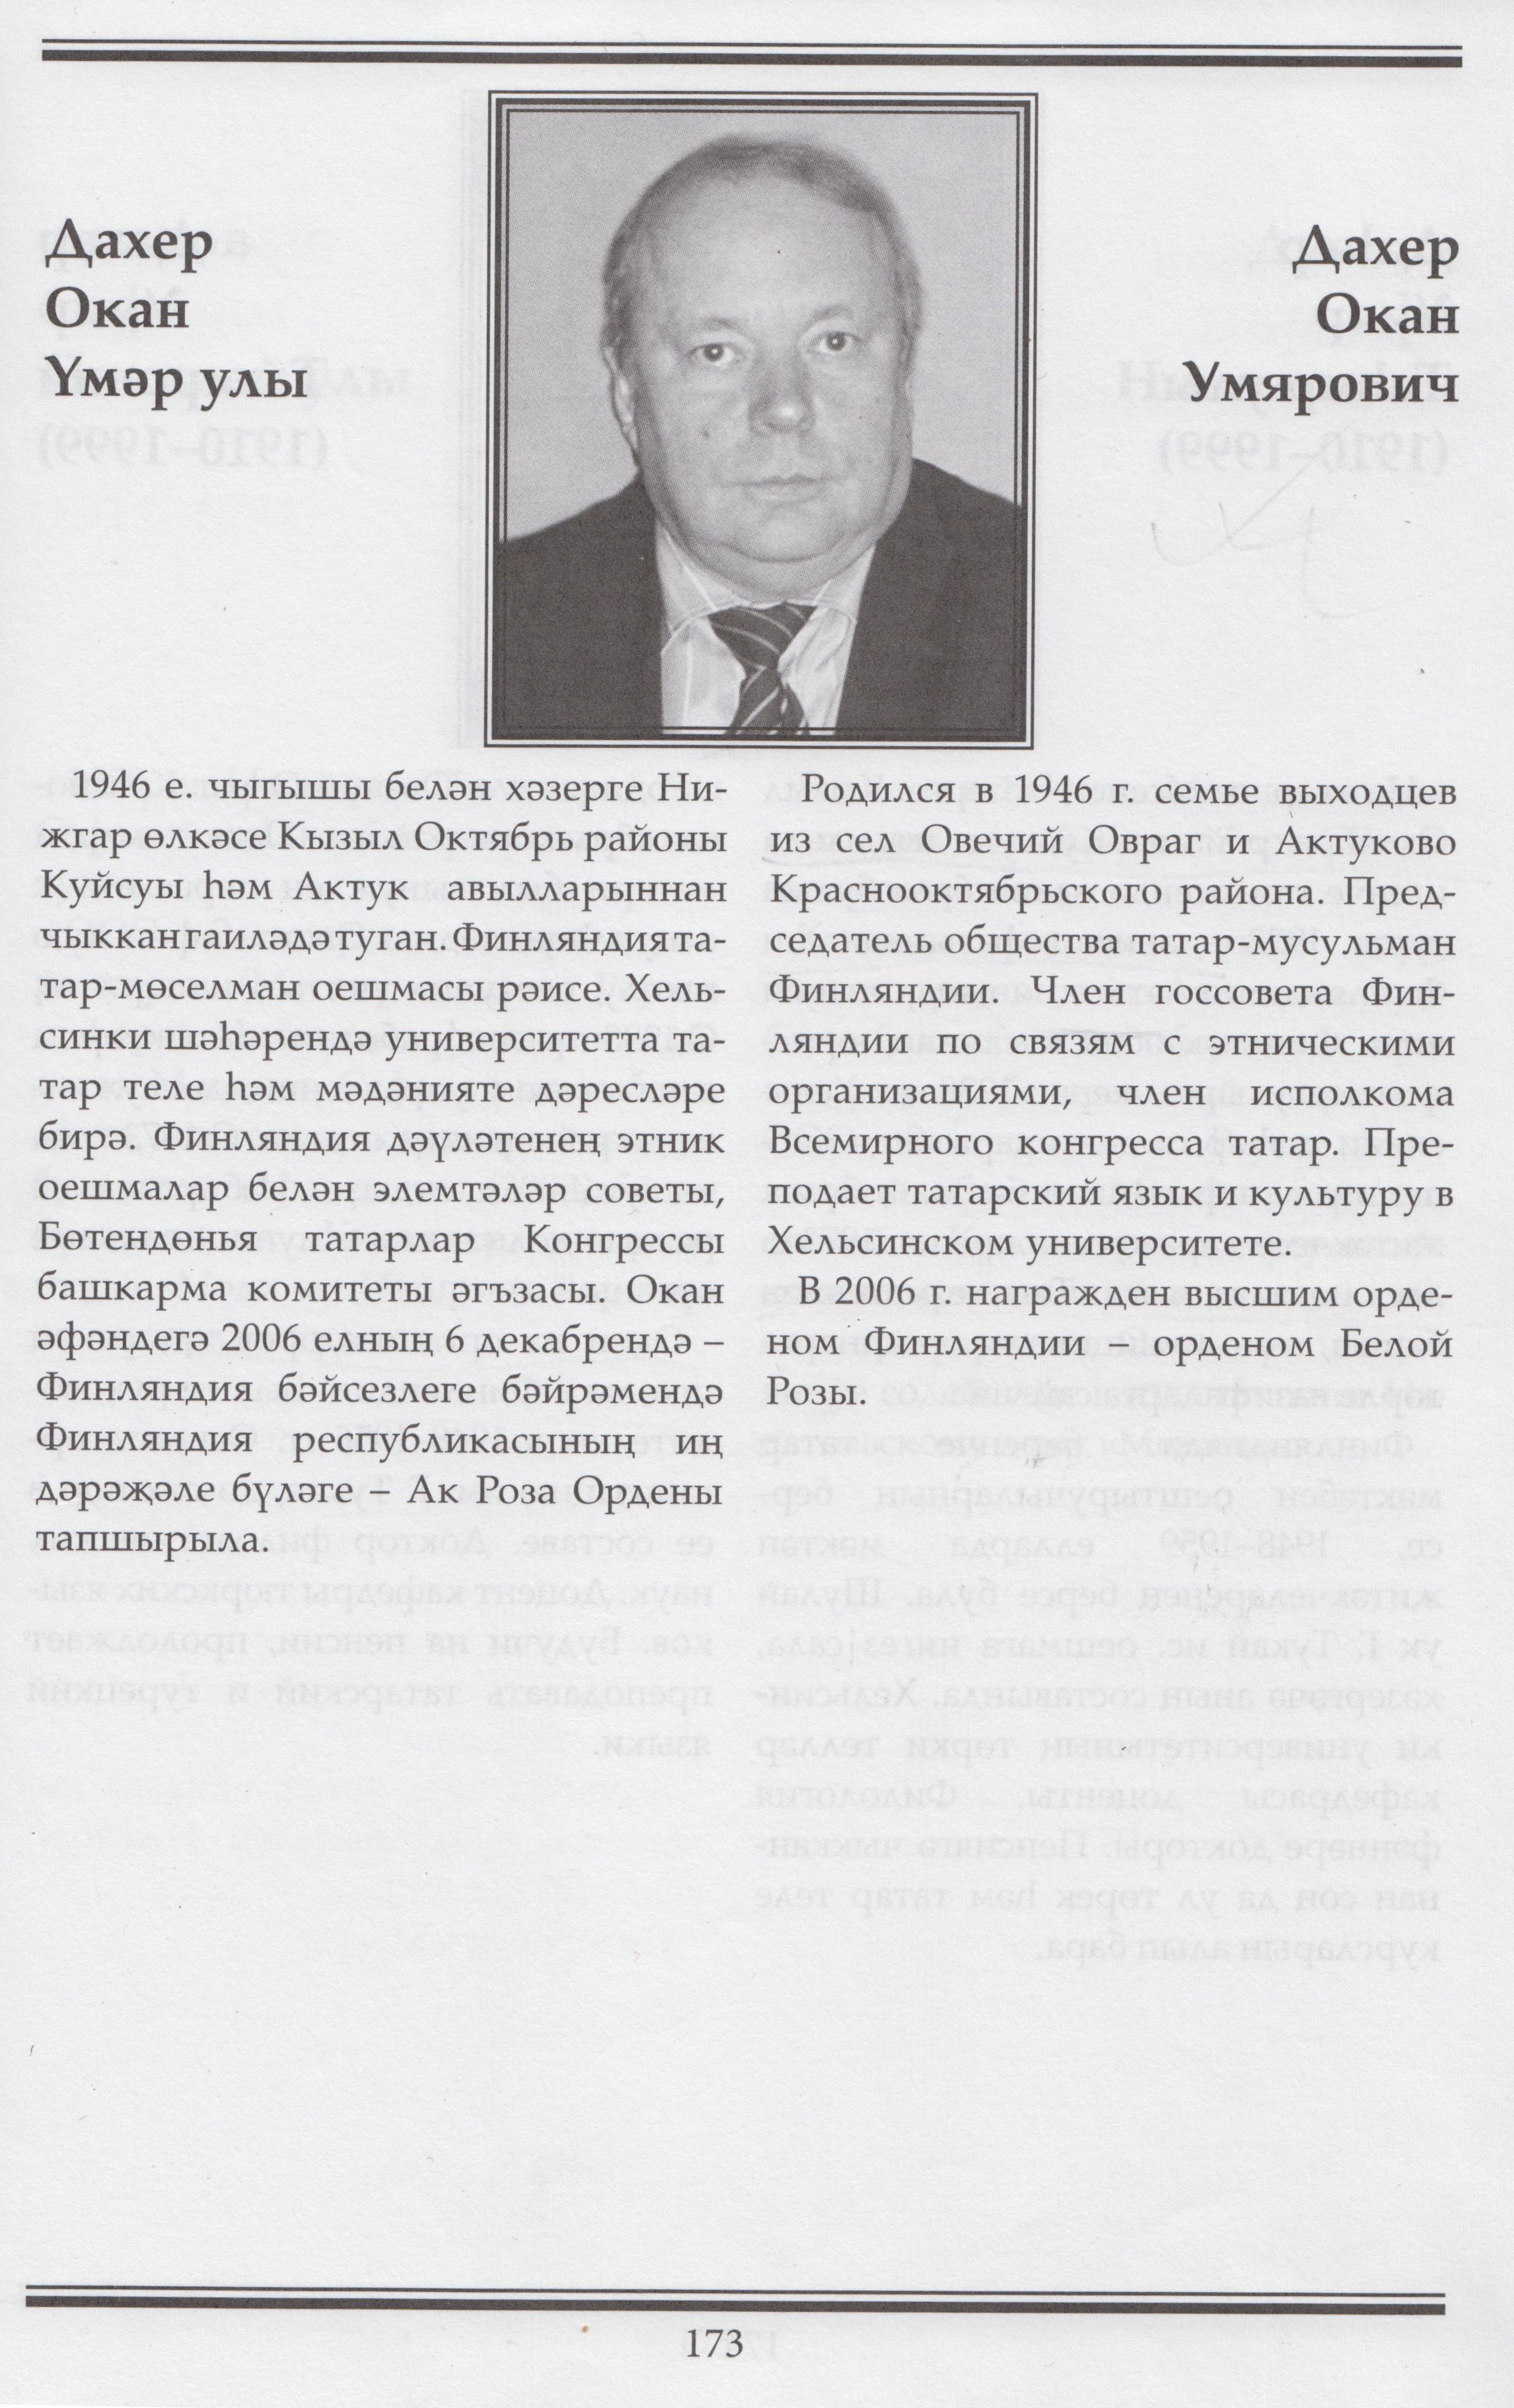 Дахер Окан Умяр улы